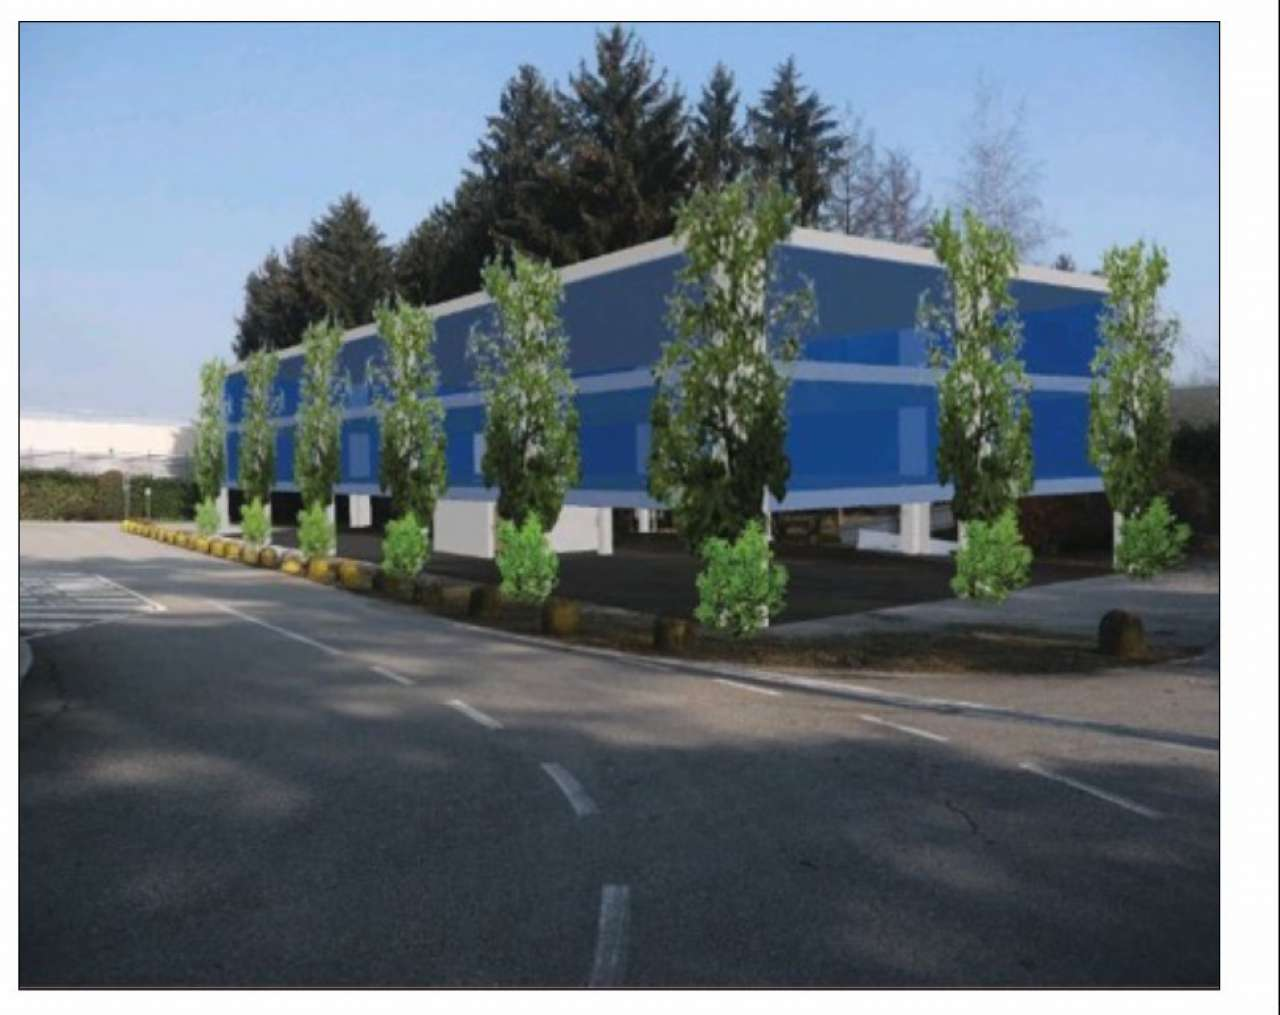 Ufficio / Studio in vendita a Fino Mornasco, 10 locali, prezzo € 1.600.000 | CambioCasa.it